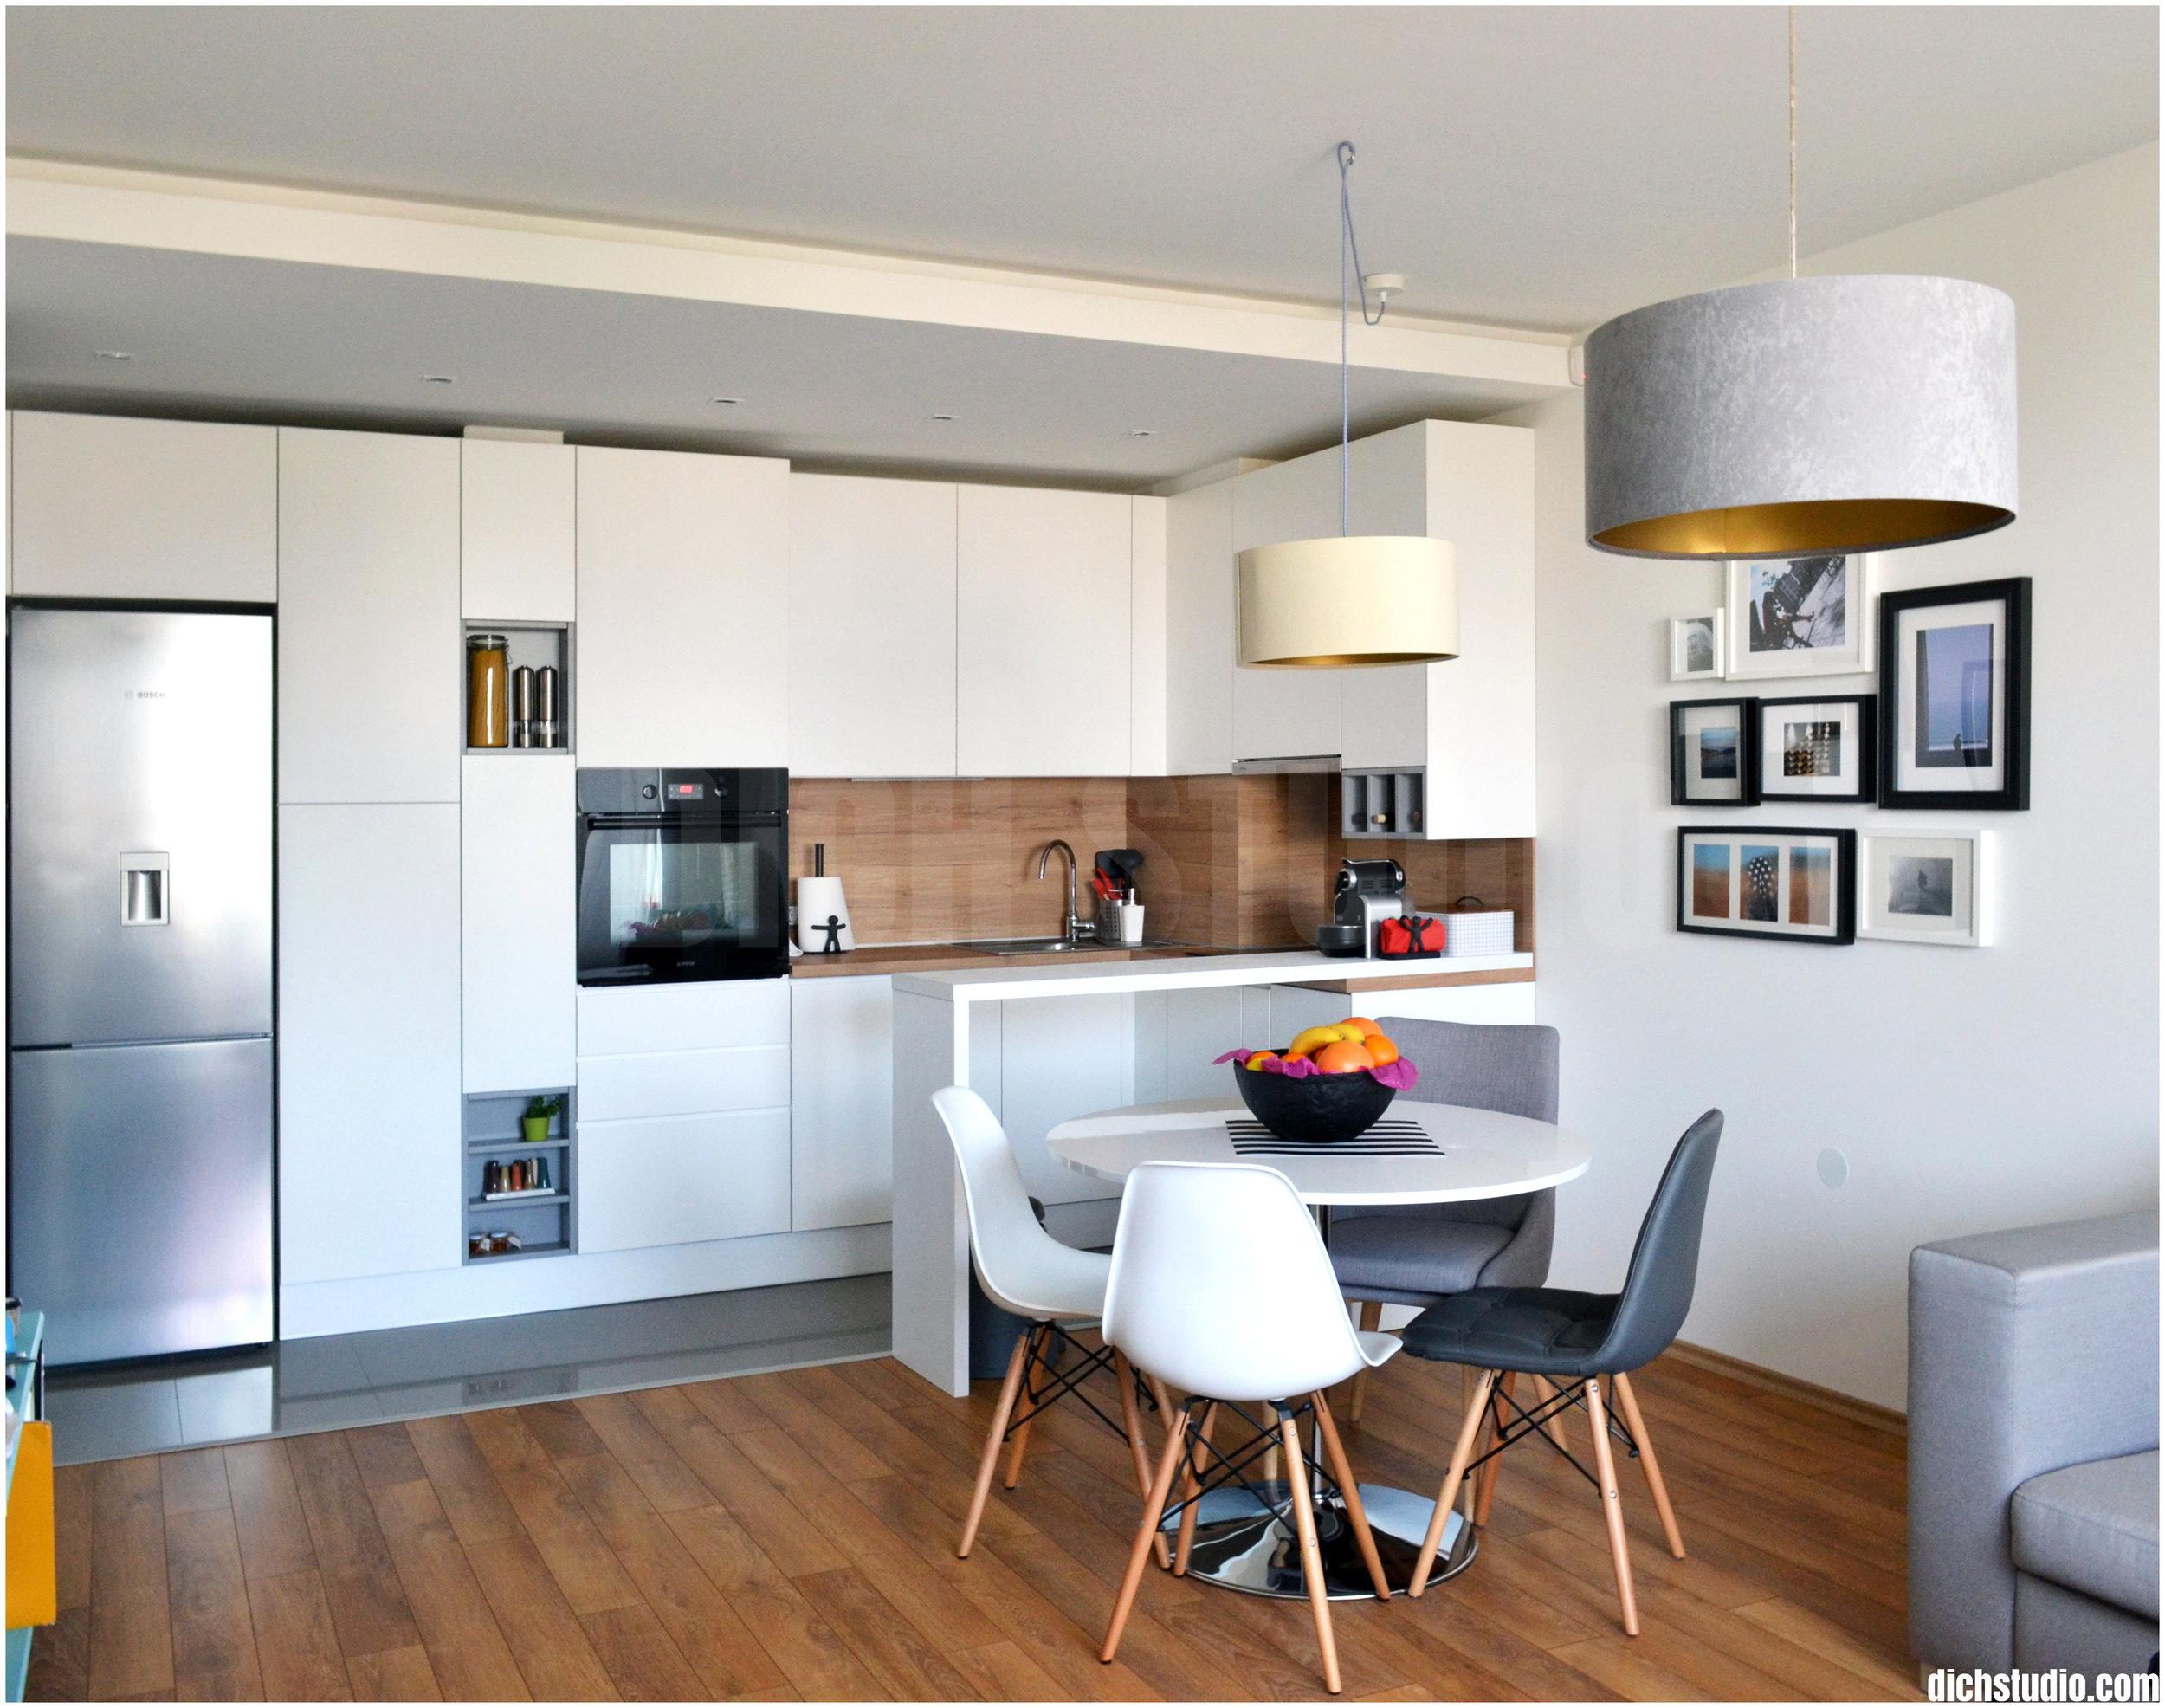 Interior design living room and kitchen photo Vitosha Sofia